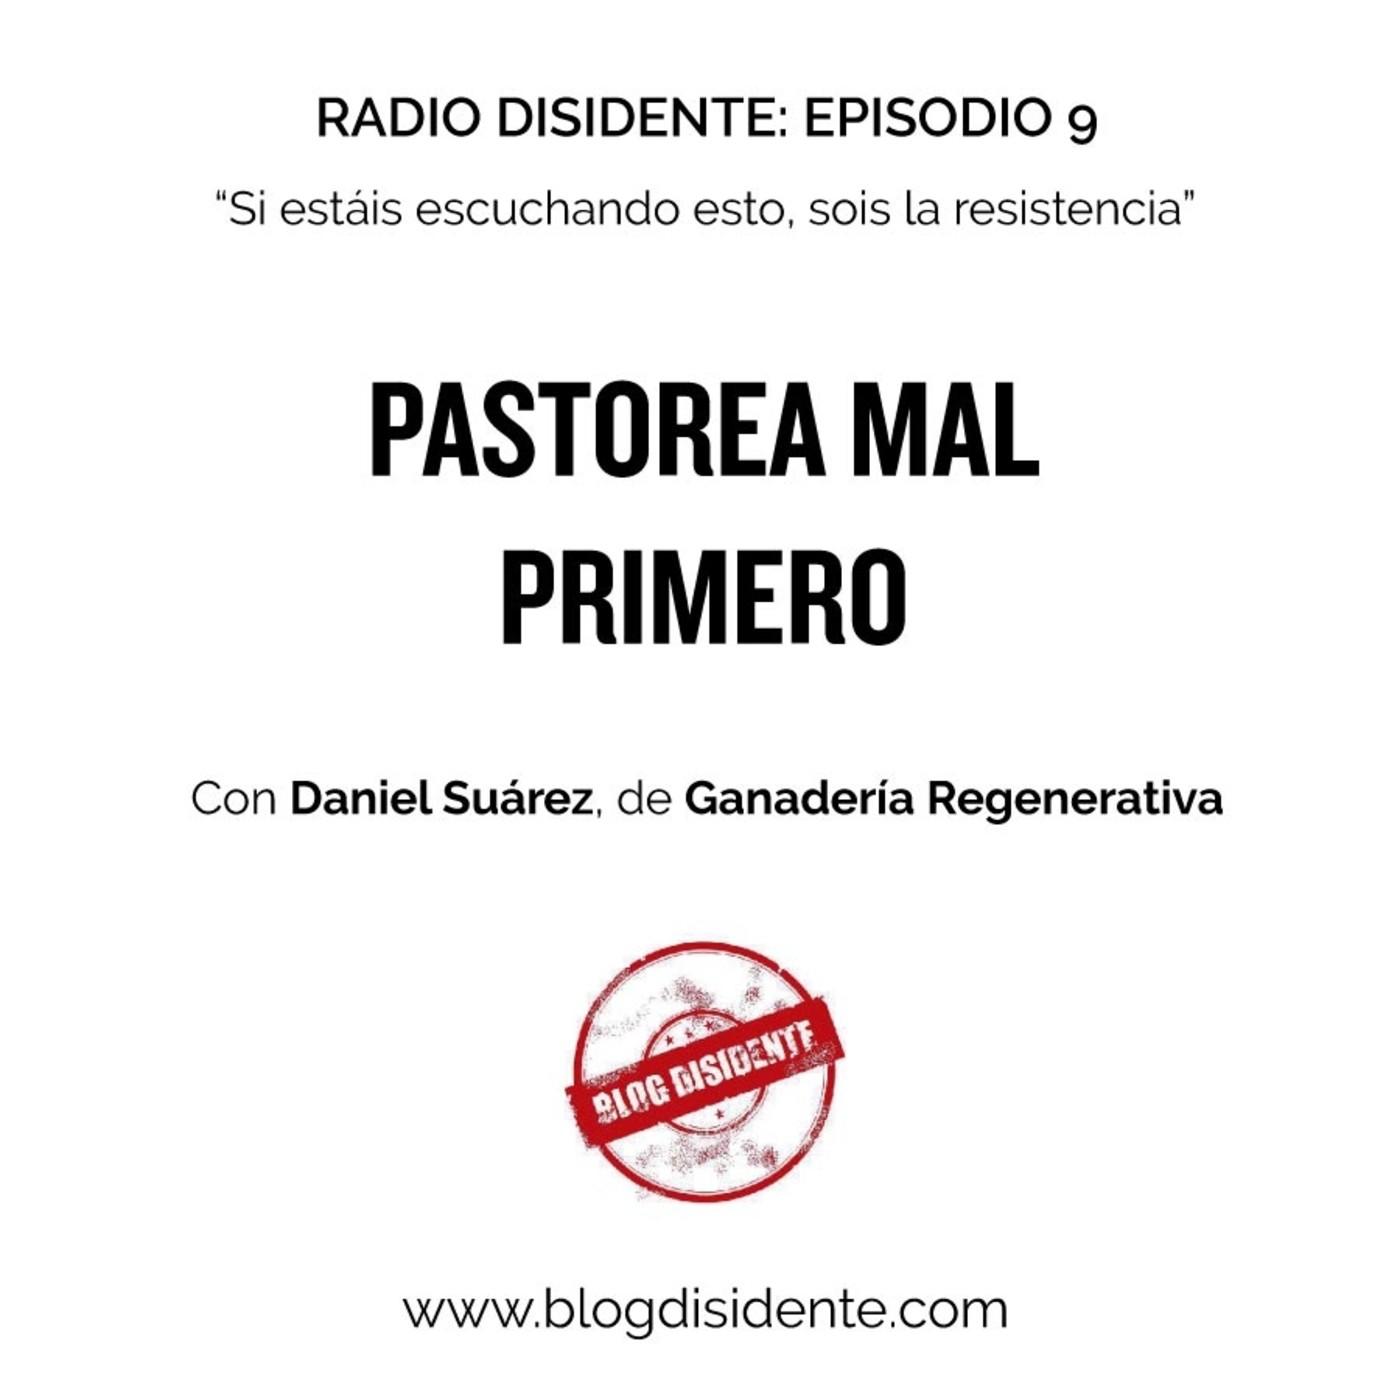 Episodio 9 - Pastorea mal primero, con Daniel Suárez